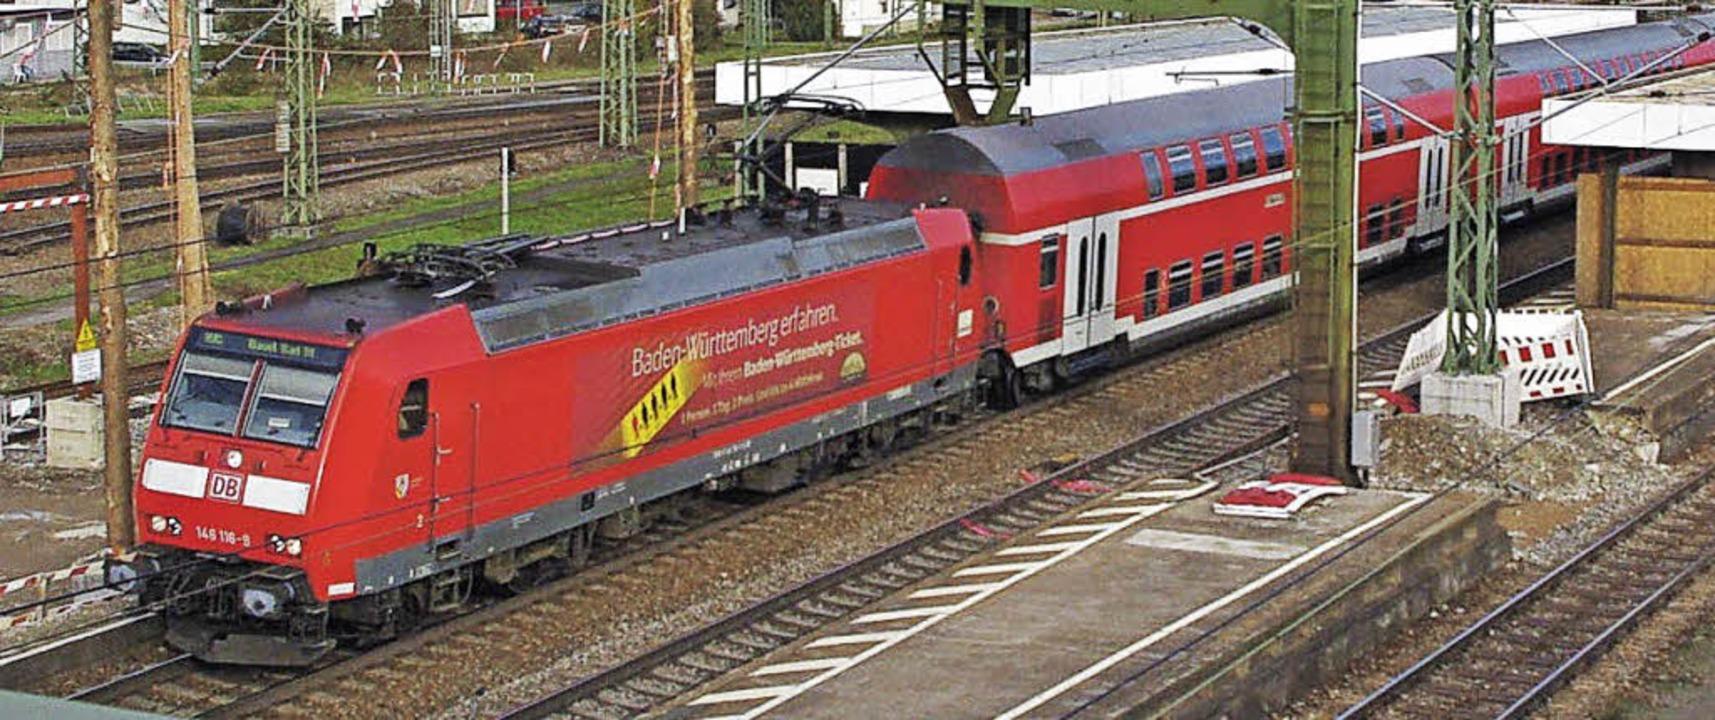 Der Bahnhof Weil ist noch lange nicht ... Regionalzüge der Rheintalbahn hier an  | Foto: Rolf Reißmann